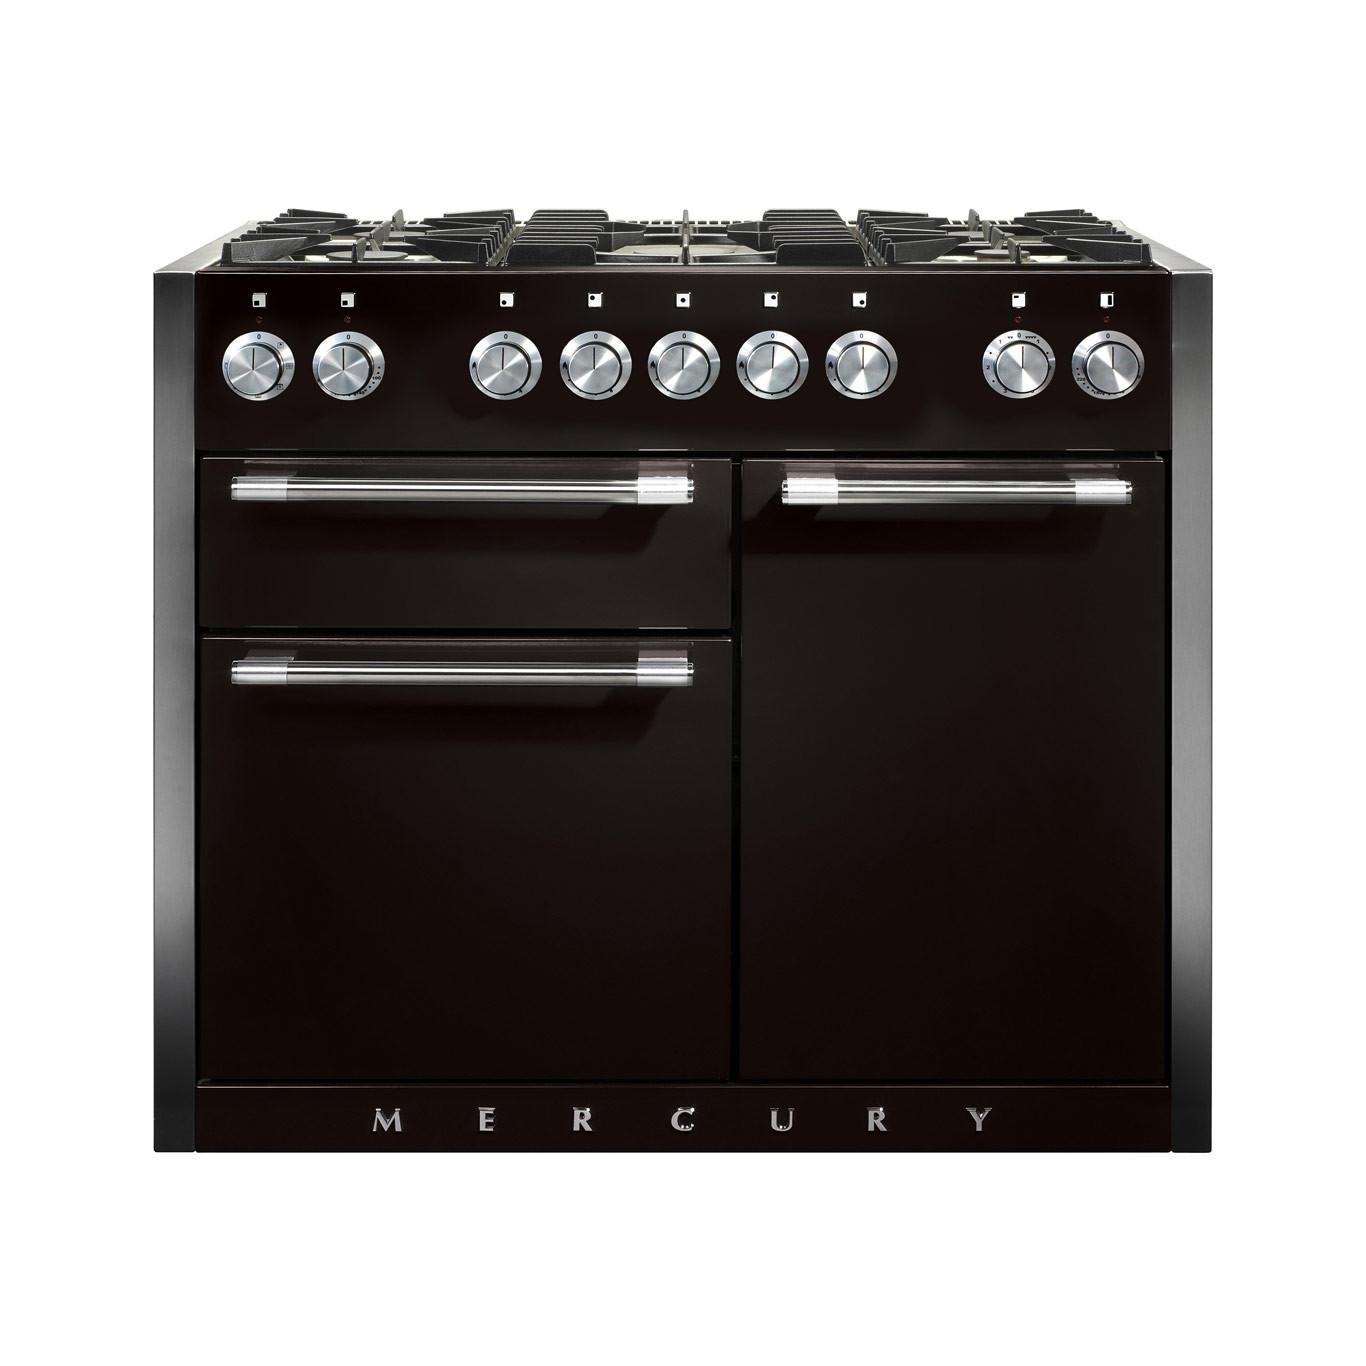 Mercury MCY1082DF Dual Fuel Liquorice Range Cooker